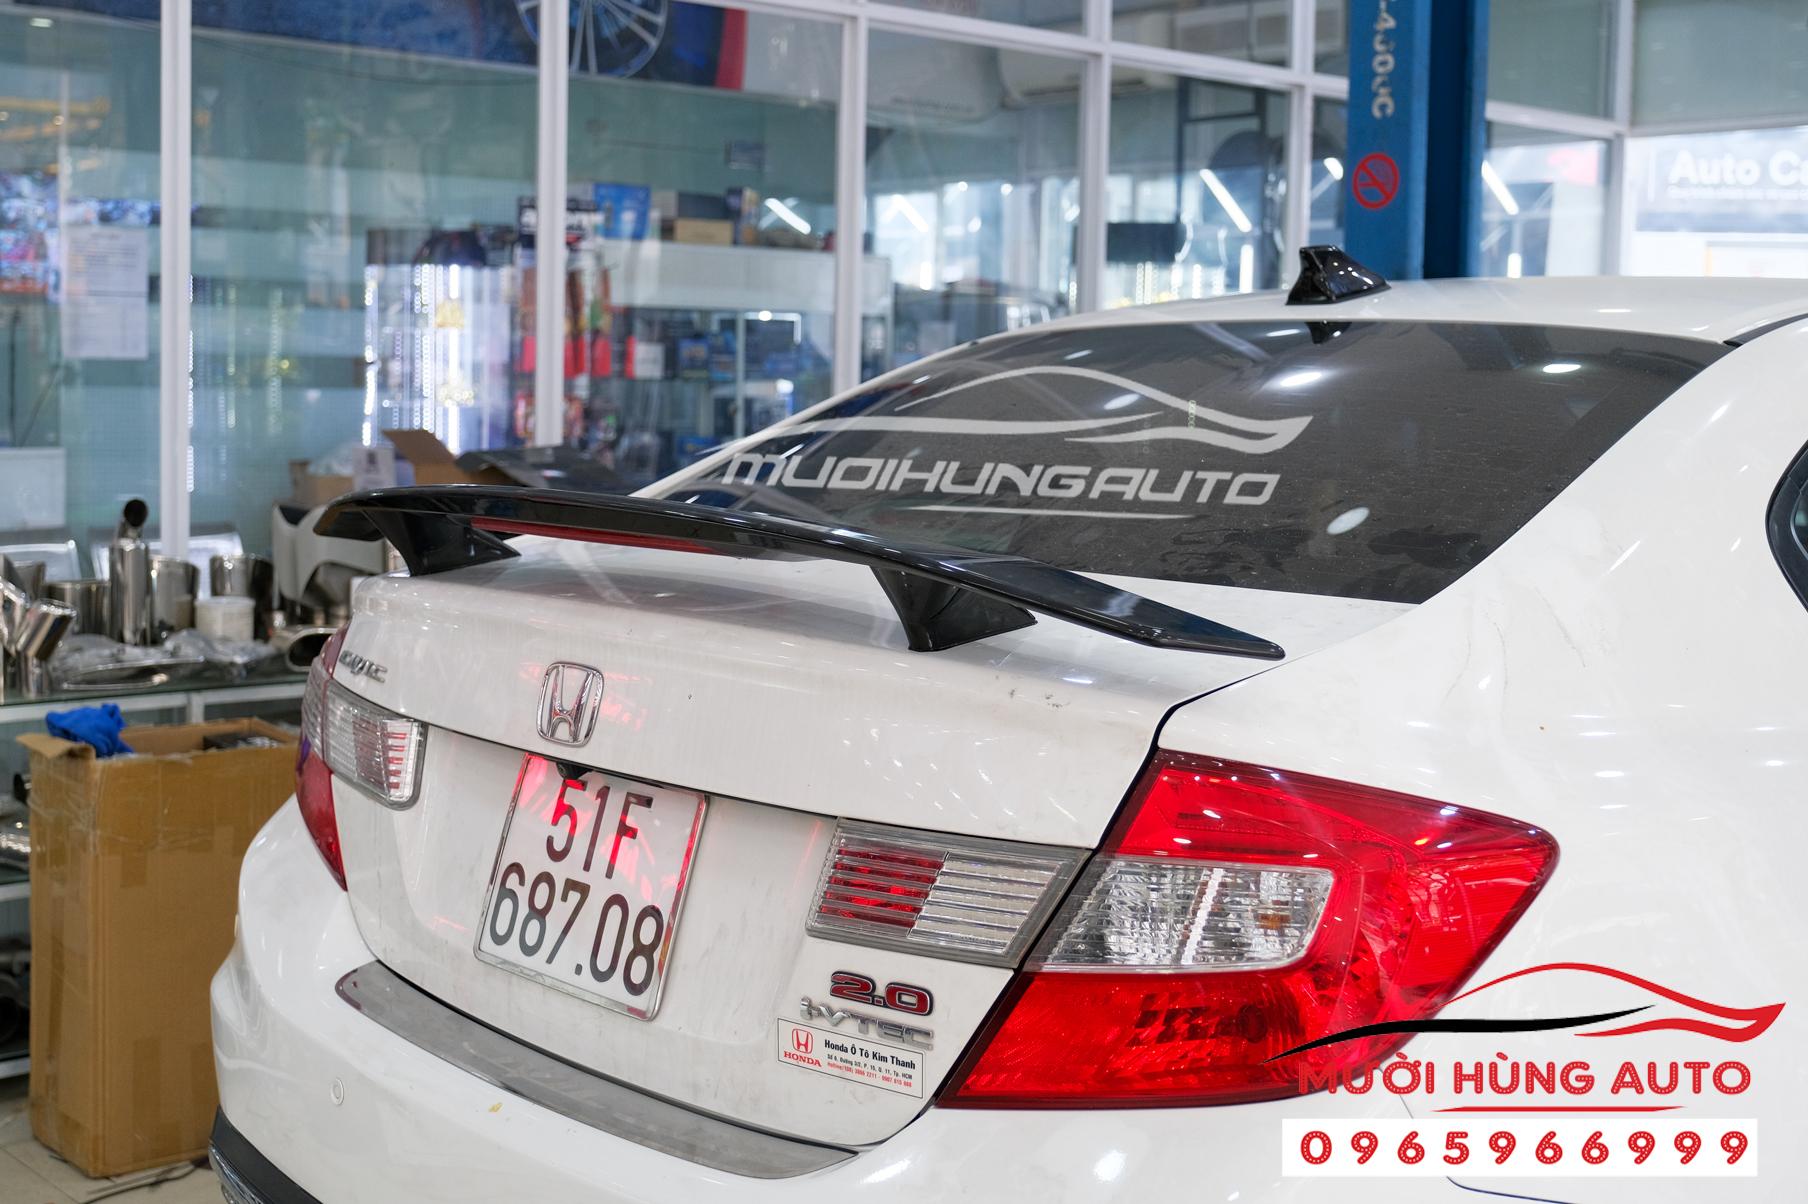 Độ pô và gắn đuôi cá có đèn xe Honda Civic 2012 mẫu Mer GLC